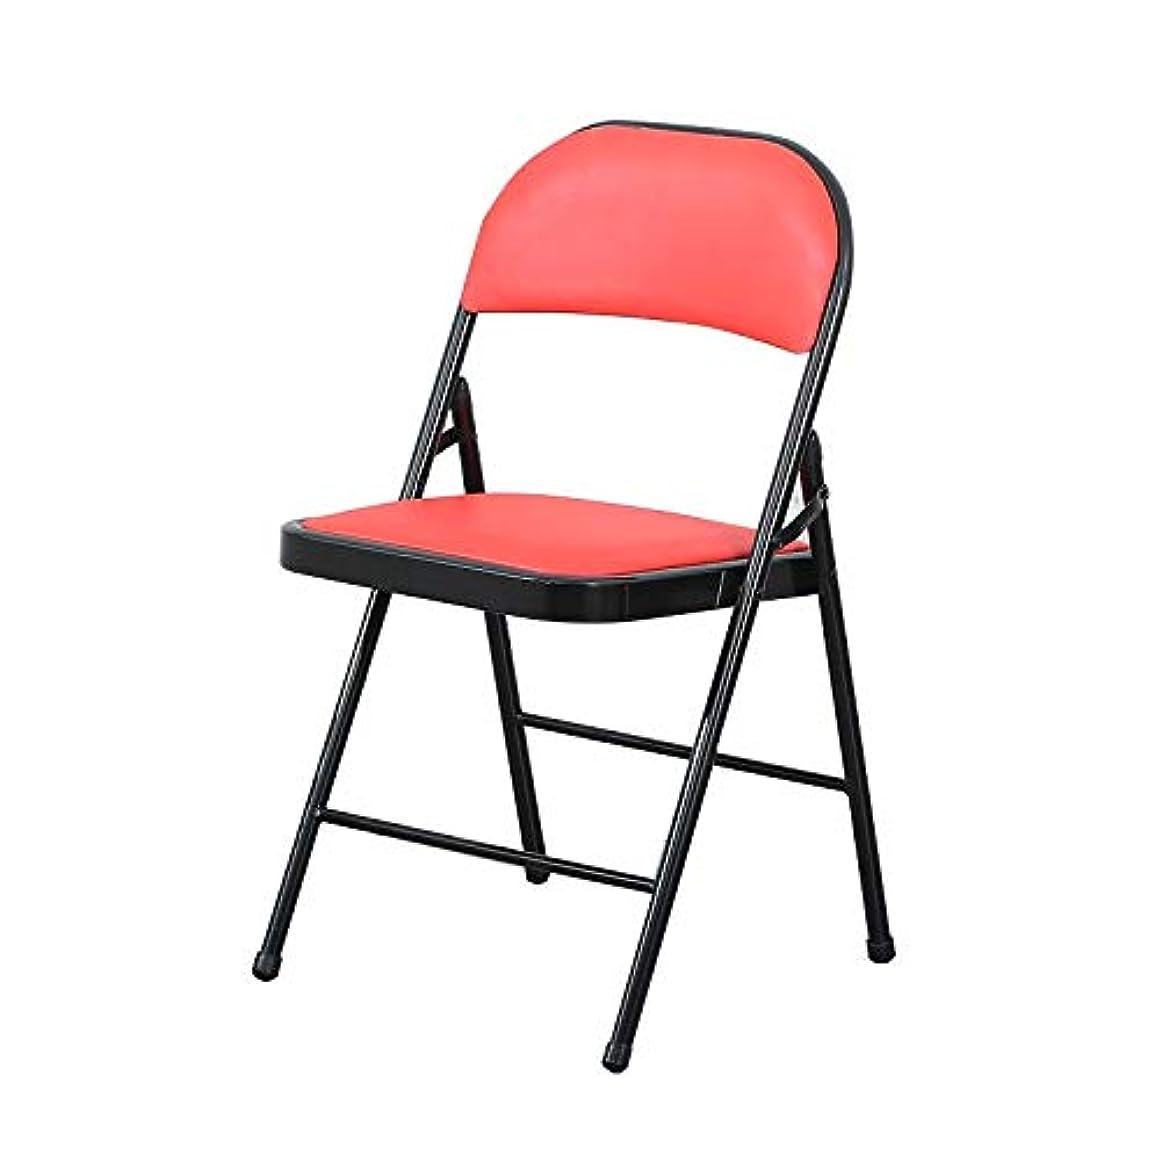 契約カート角度コンテンポラリーチェア-ChangDQ ワークチェア、ブラックカーボンスチールチェア寮チェア現代のミニマリストのチェアヴィンテージチェア、45 * 47 * 78センチメートル カウンター受付椅子 (Color : Red, Size : 45*47*78cm)